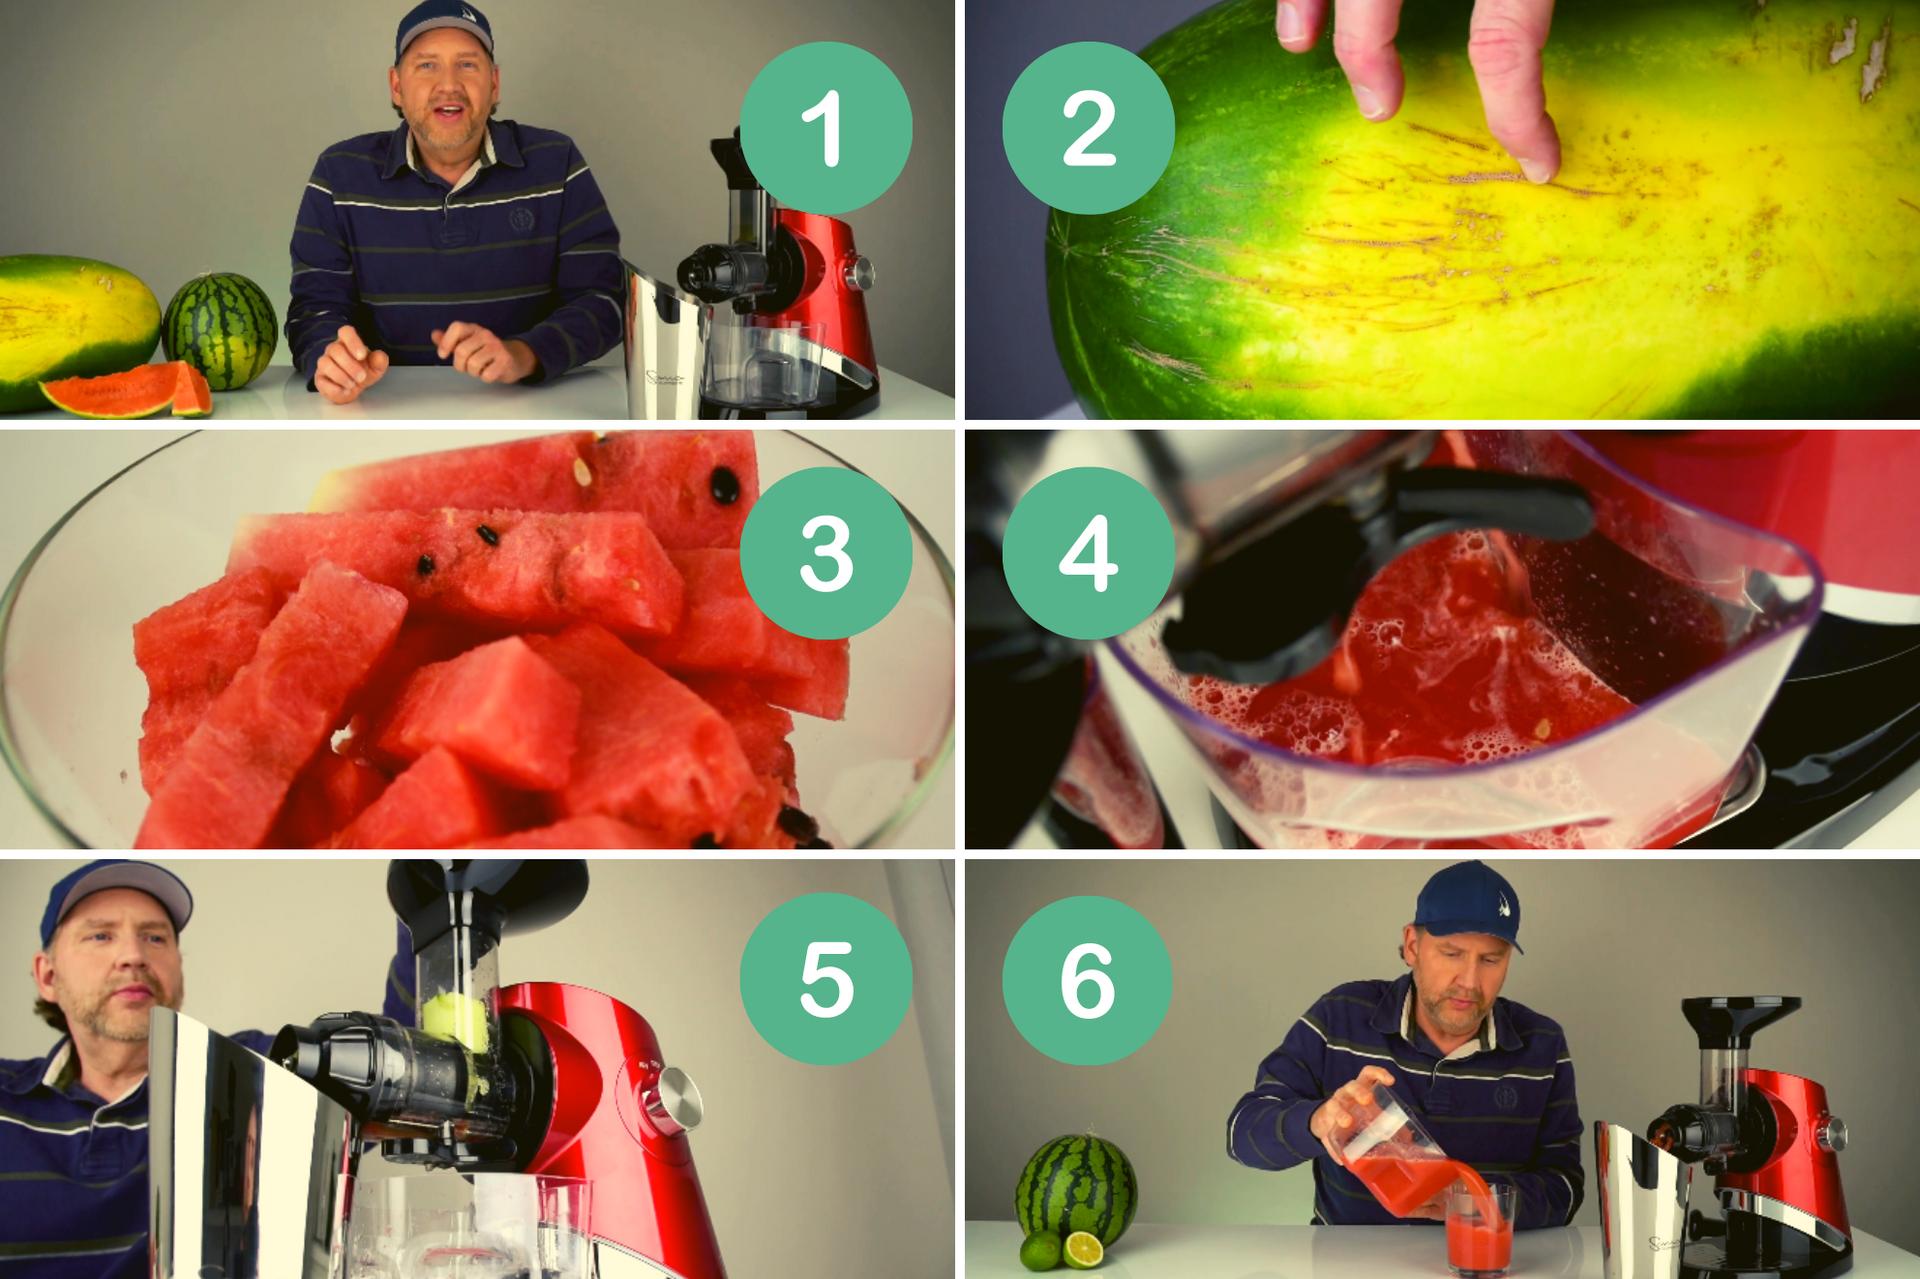 Jak vybrat nejsladší meloun pro odšťavňování